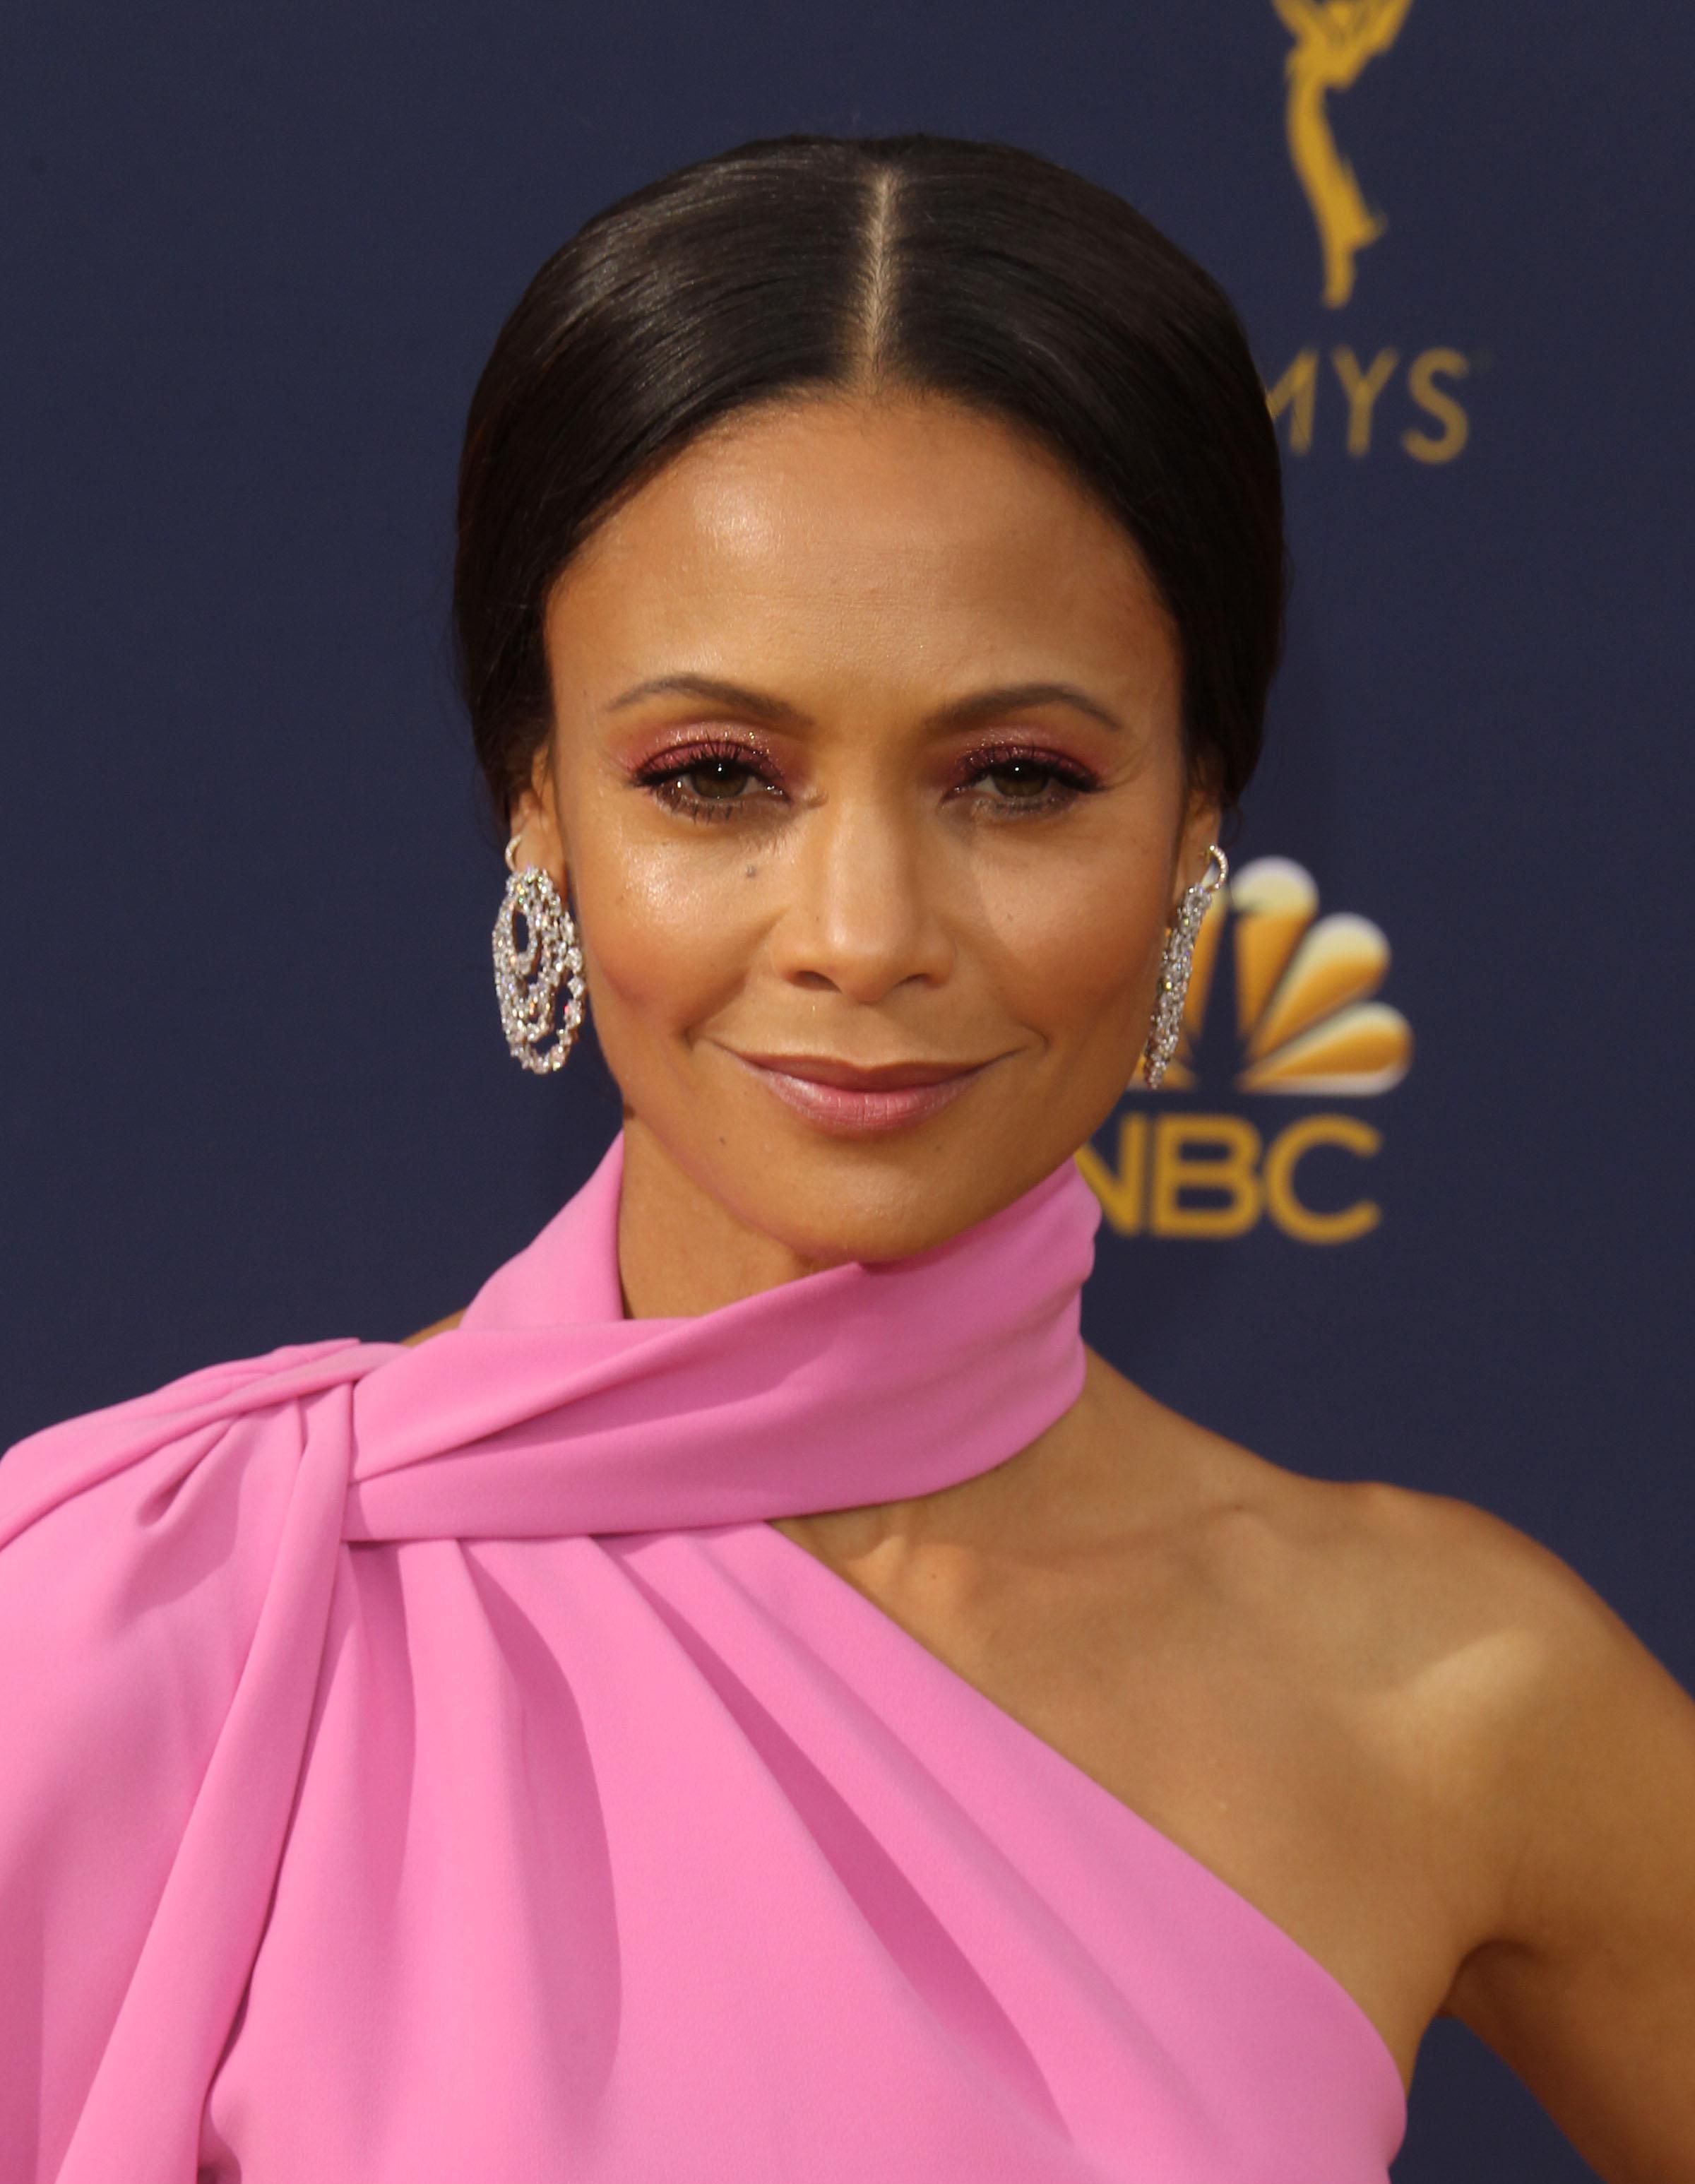 Αυτό είναι το μεγαλύτερο makeup trend που είδαμε στα Emmy!